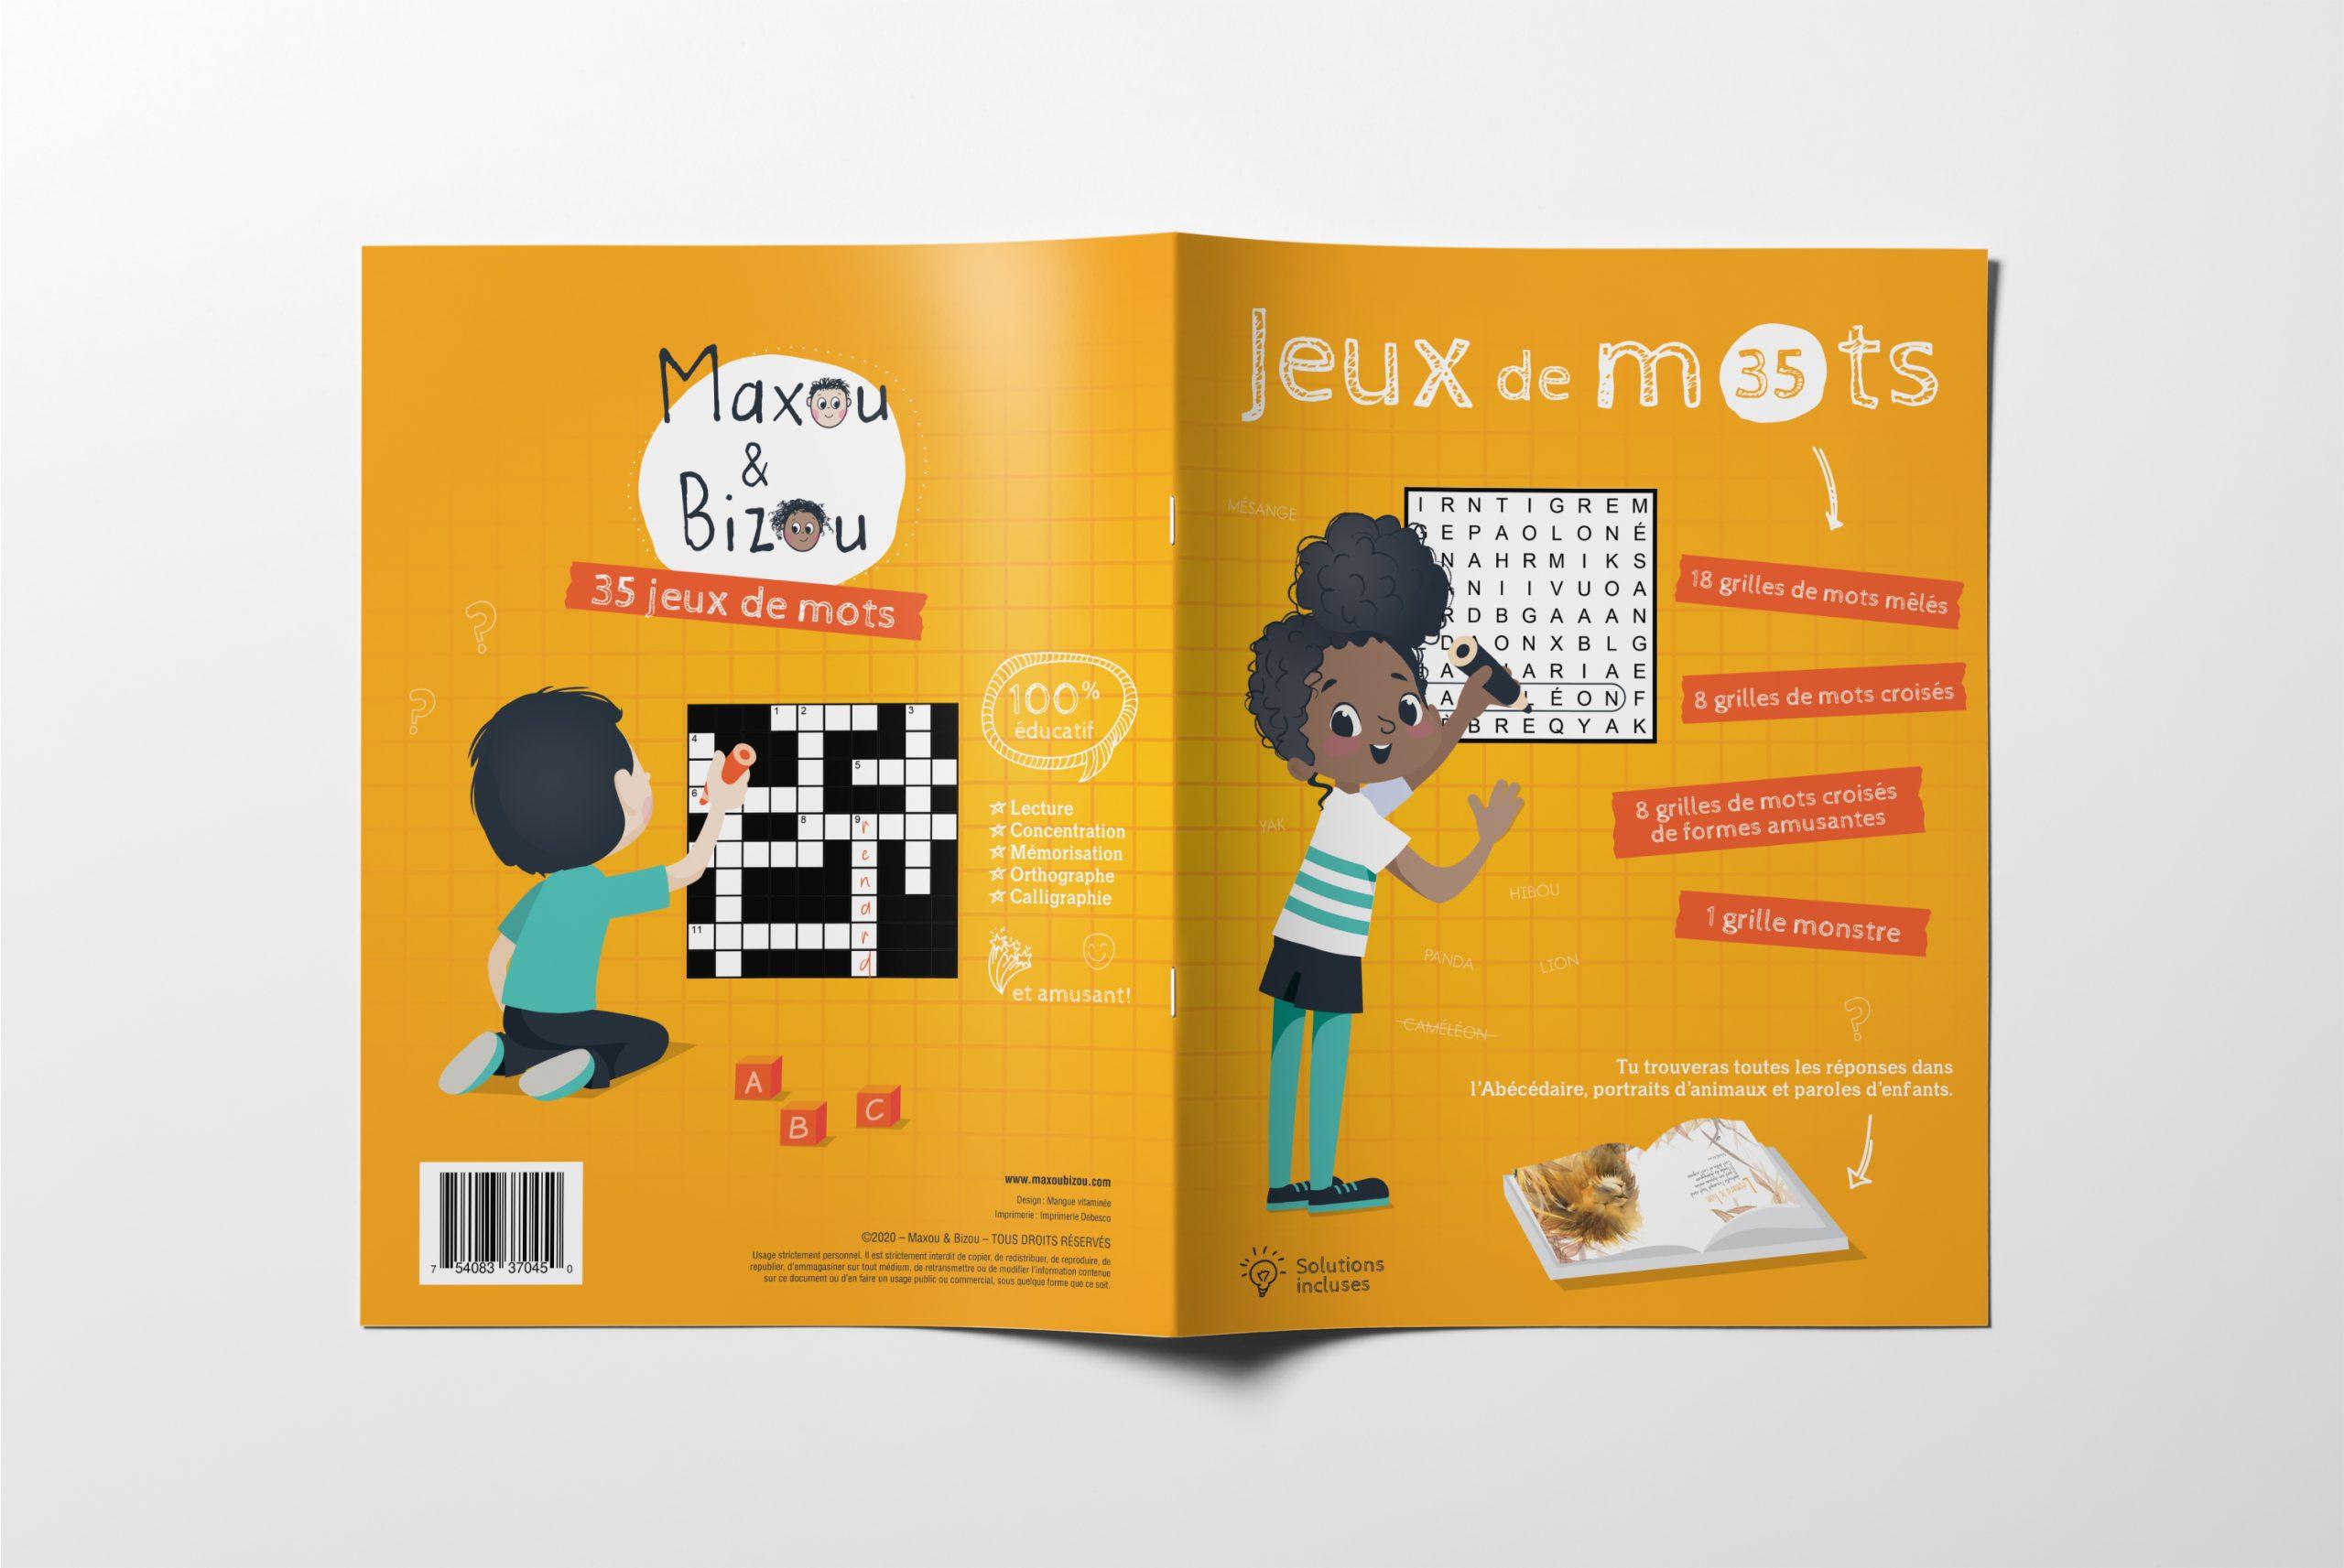 Cahier d'activités - Jeux de mots de Maxou & Bizou